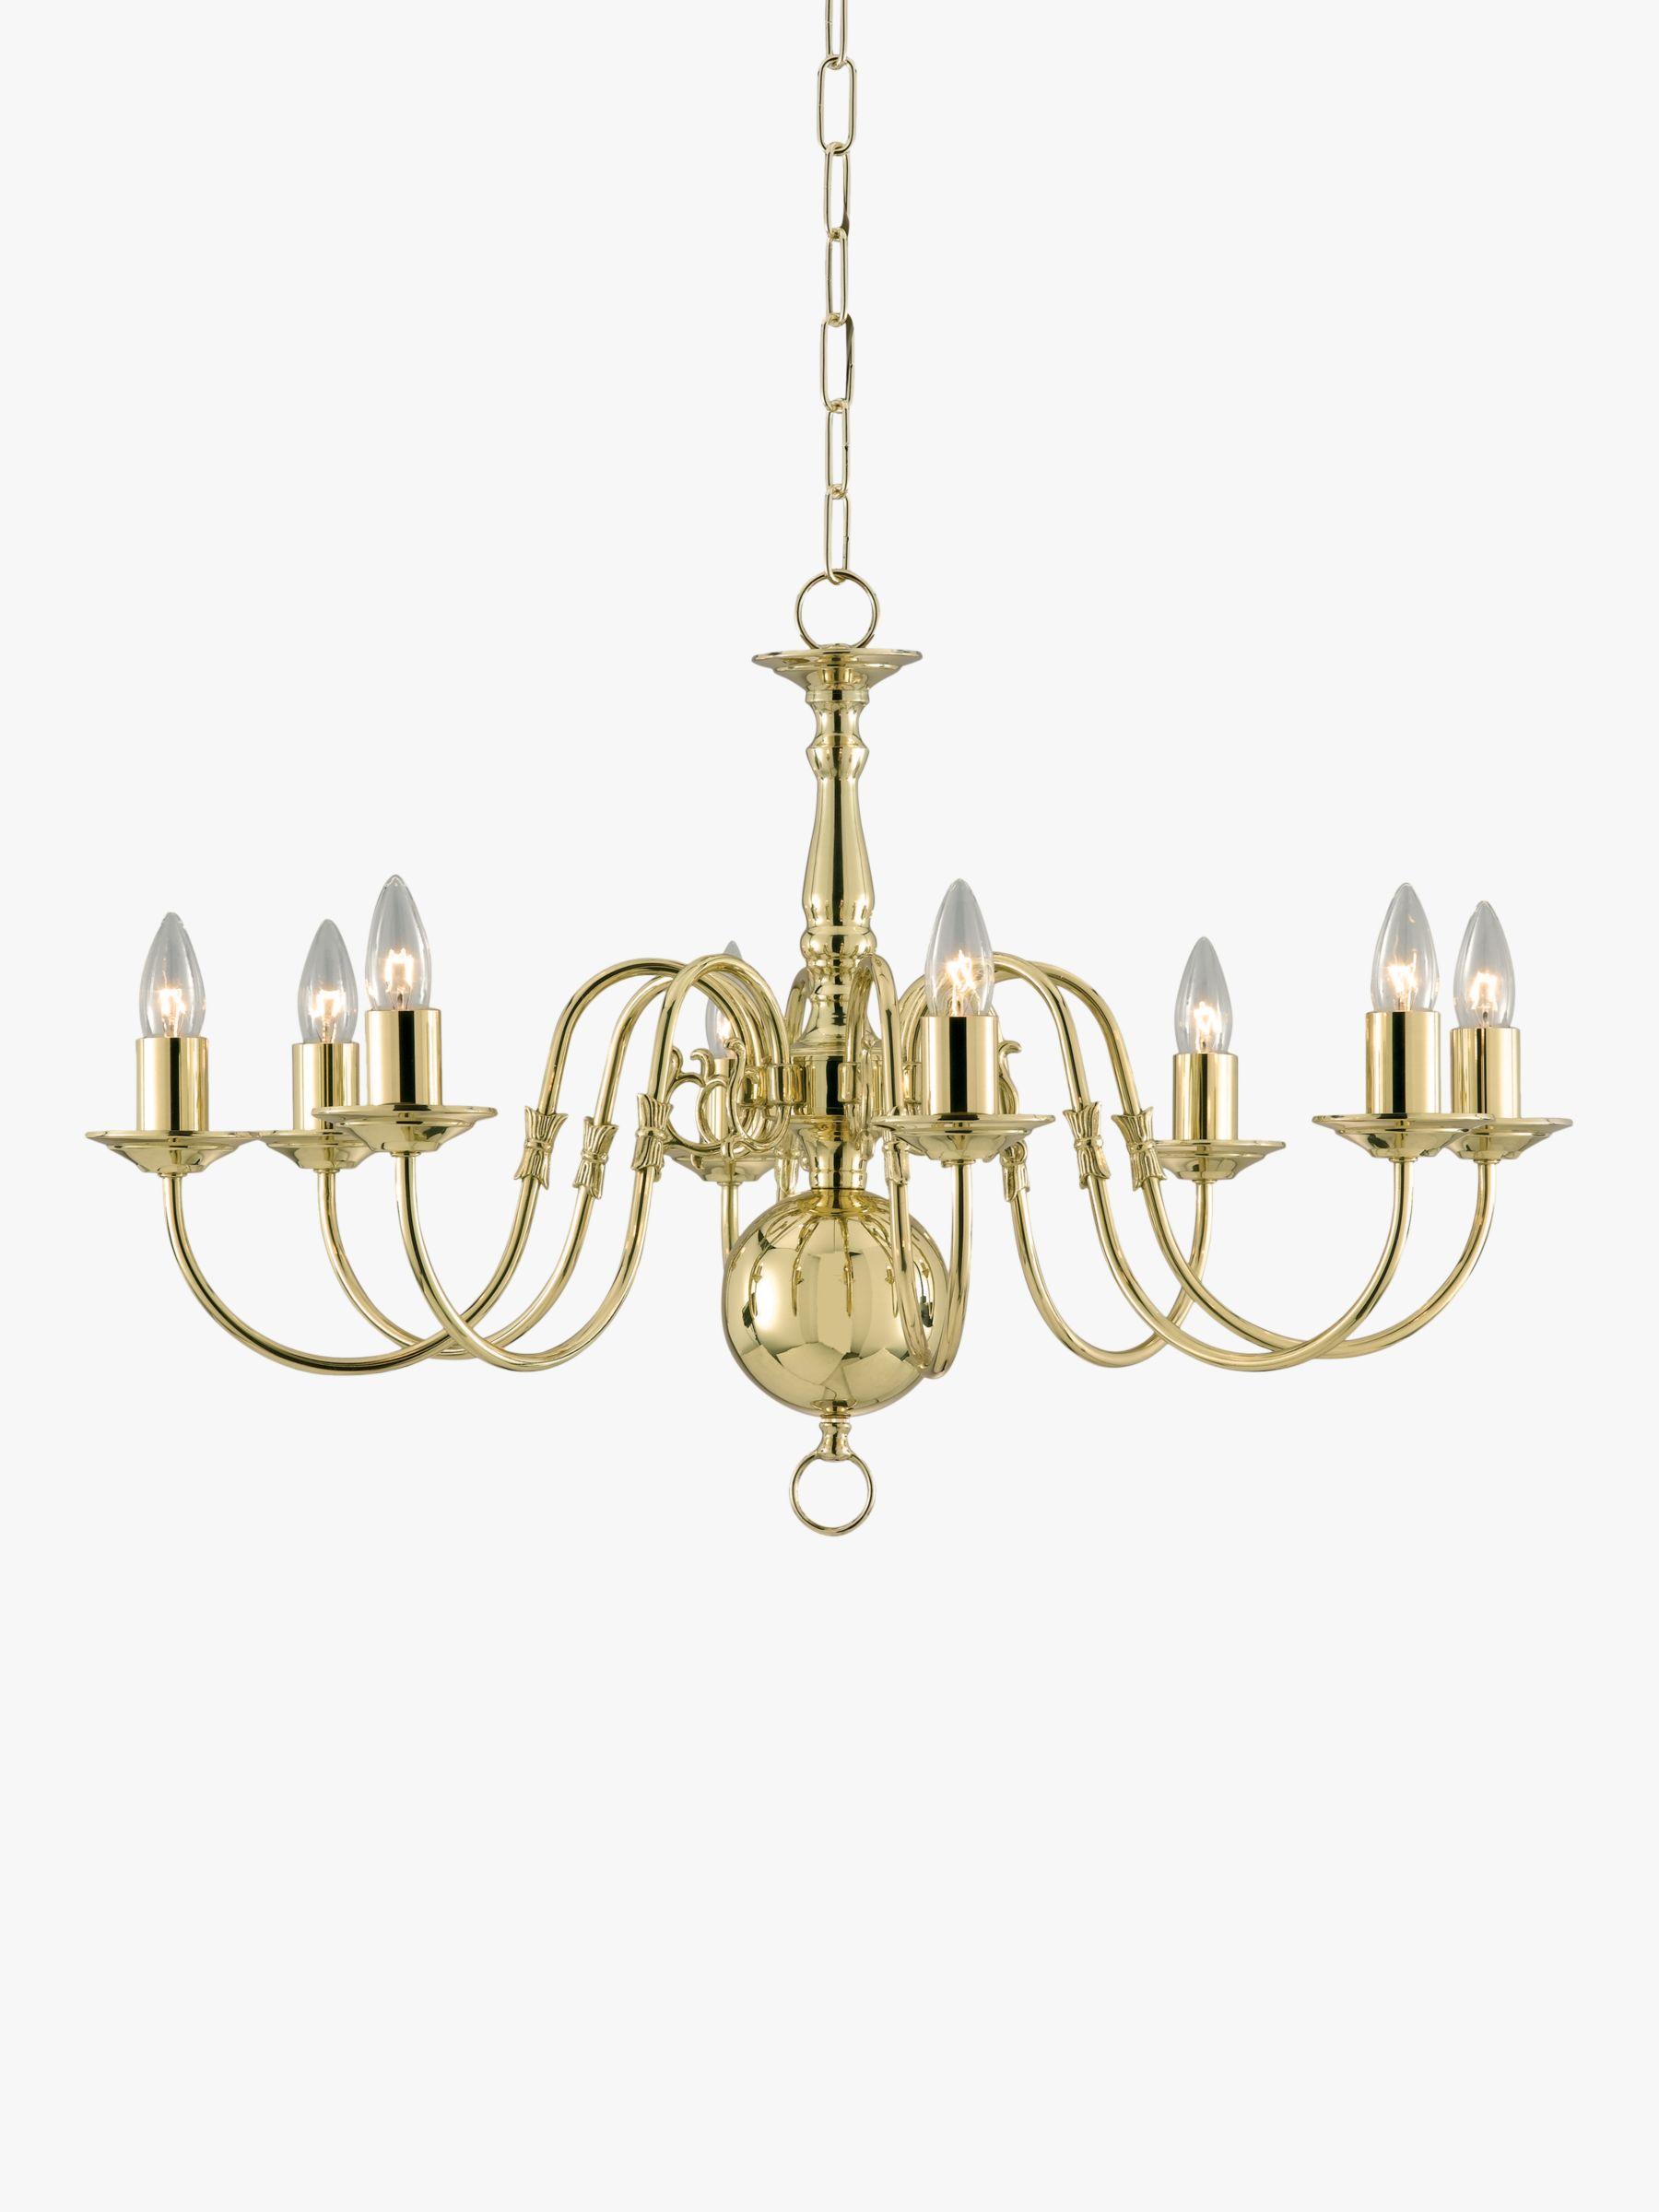 Impex Impex Bruges Chandelier, Polished Brass, 8-Light